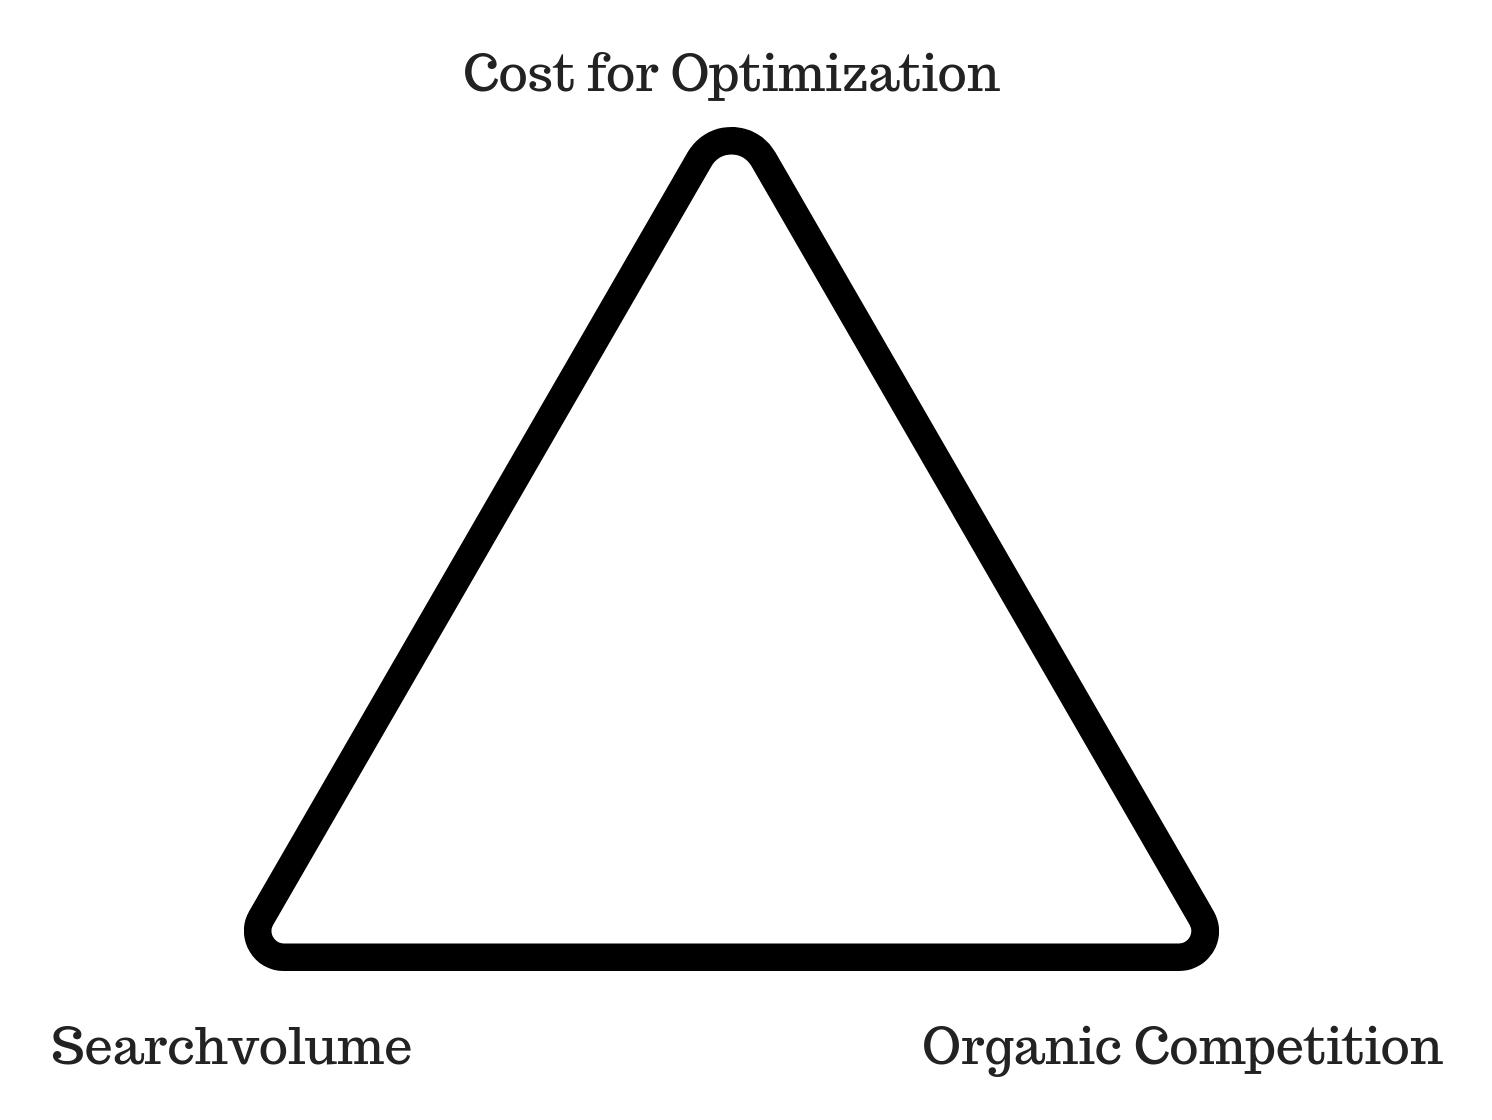 Grafik Dreieck Optimierungskosten, Mitbewerber und Suchvolumen